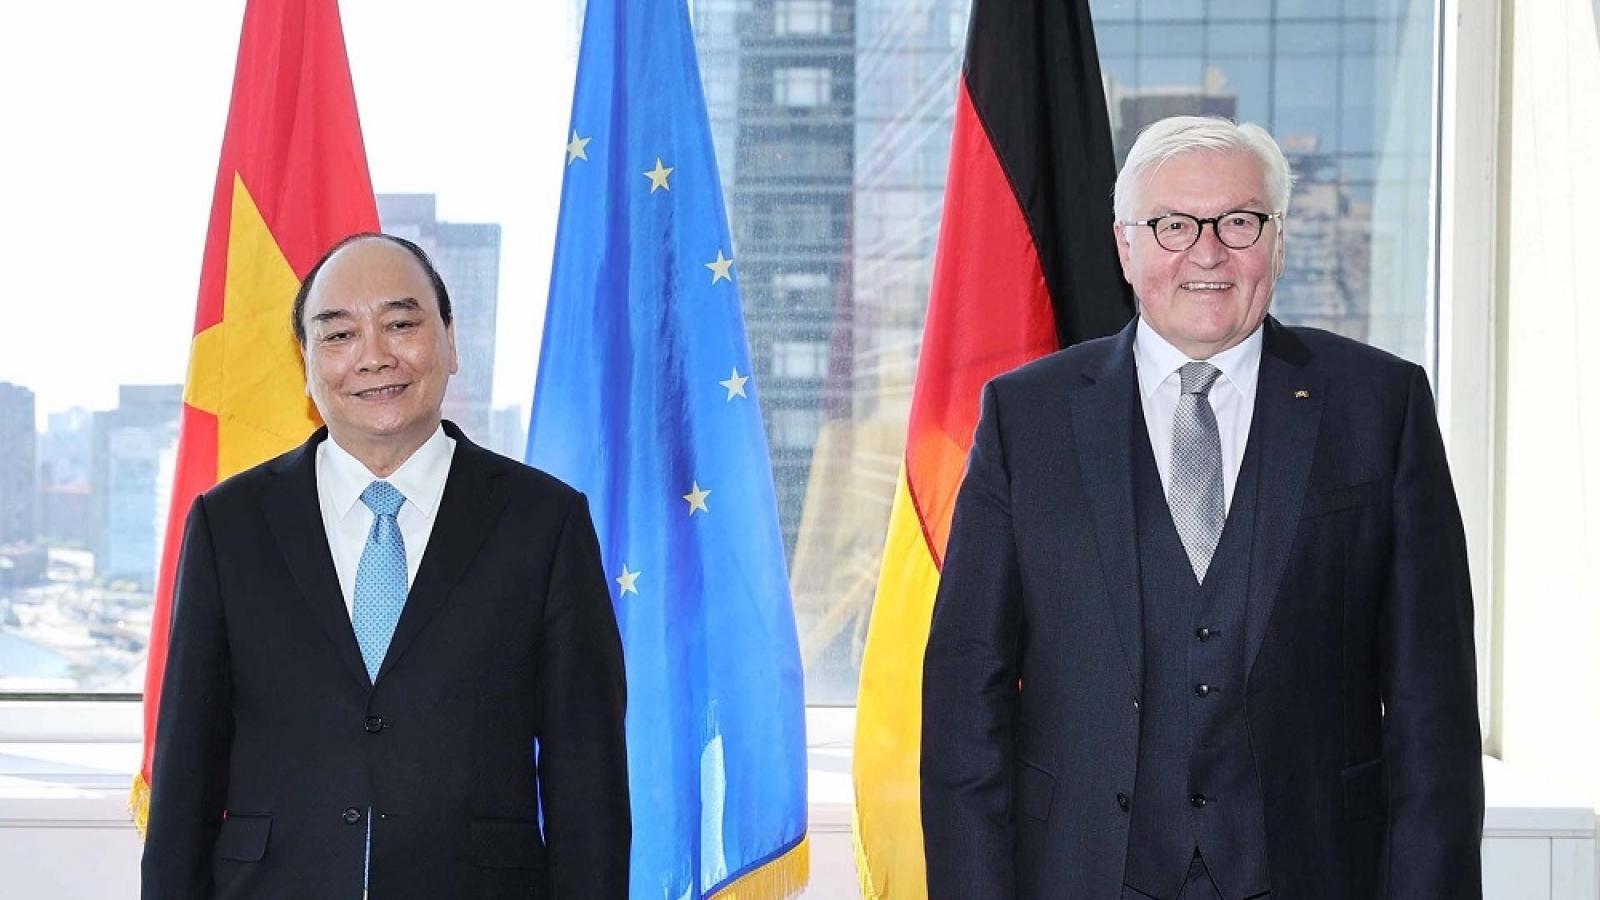 Chủ tịch nước Nguyễn Xuân Phúc gặp Tổng thống Đức